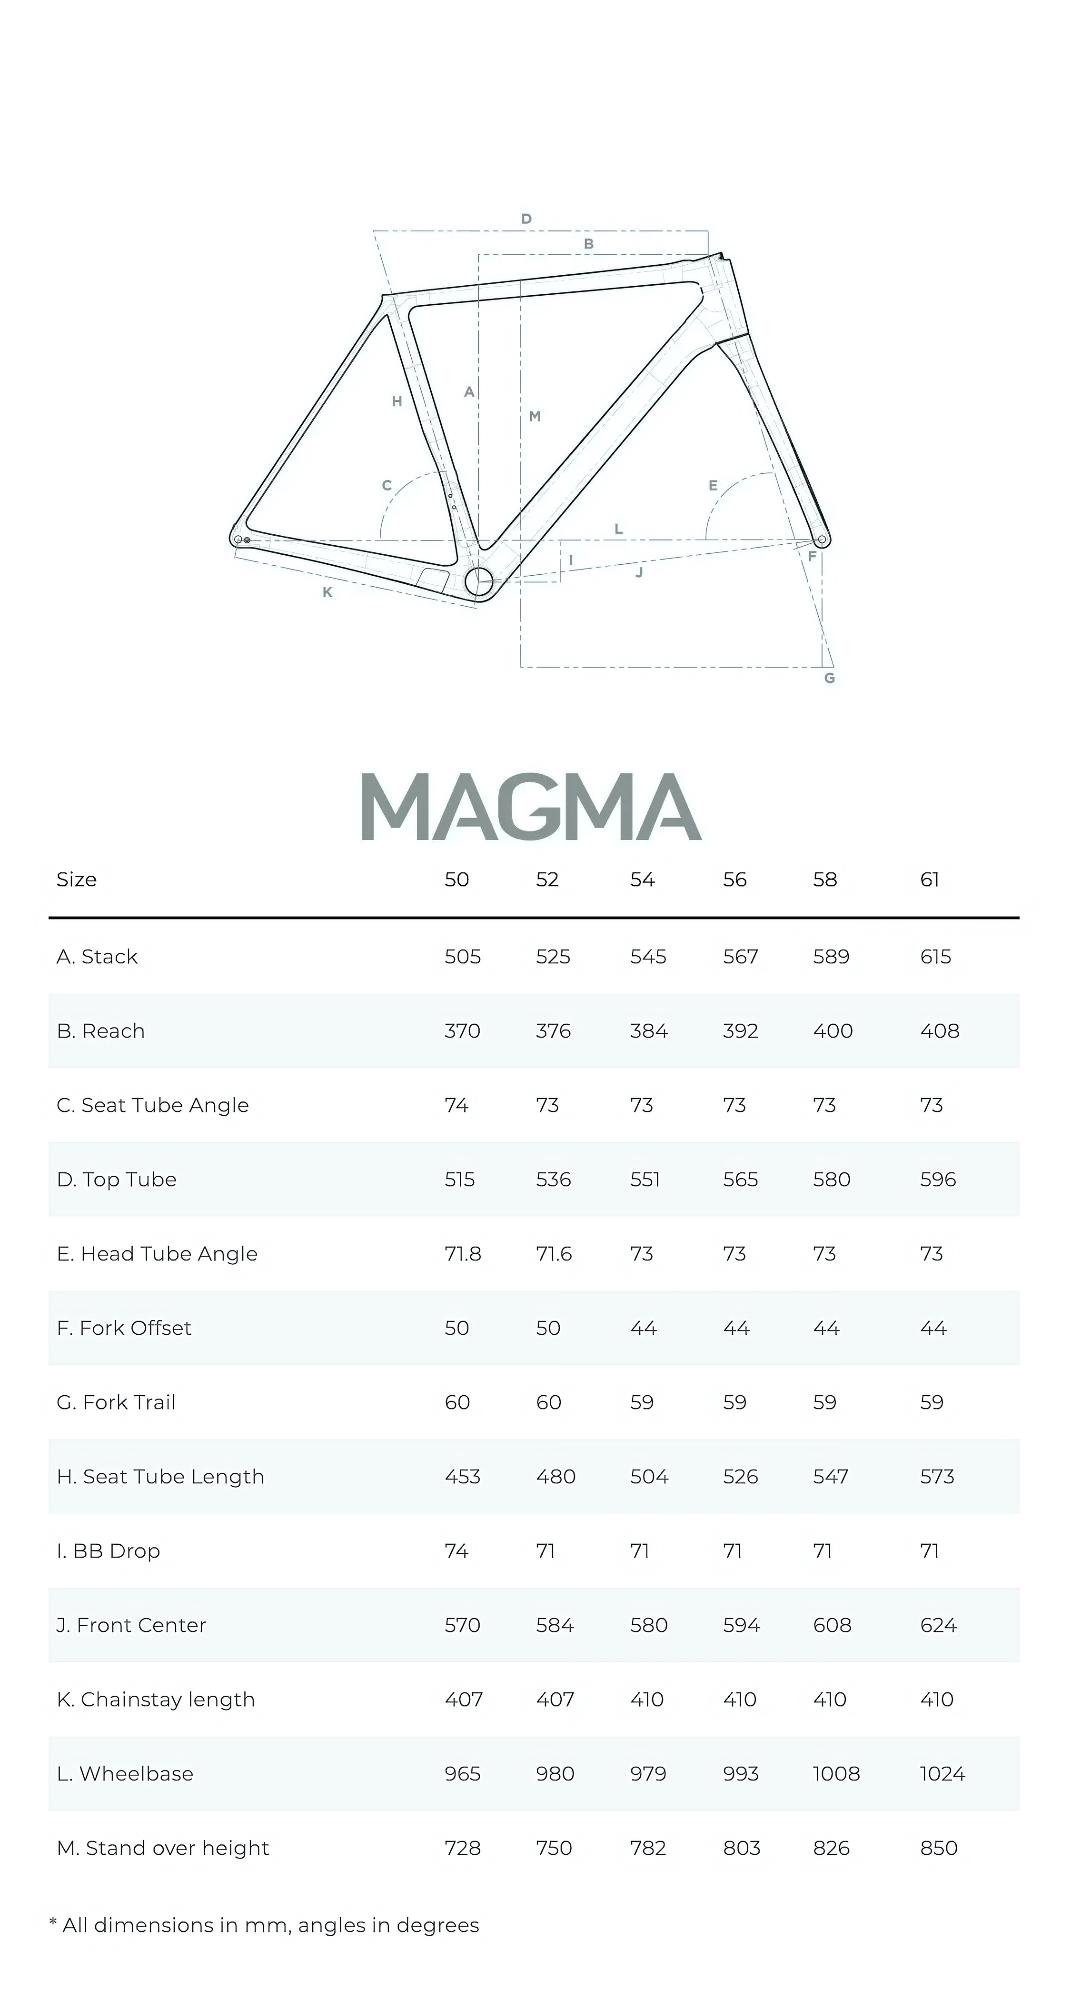 Magma - SRAM Zipp